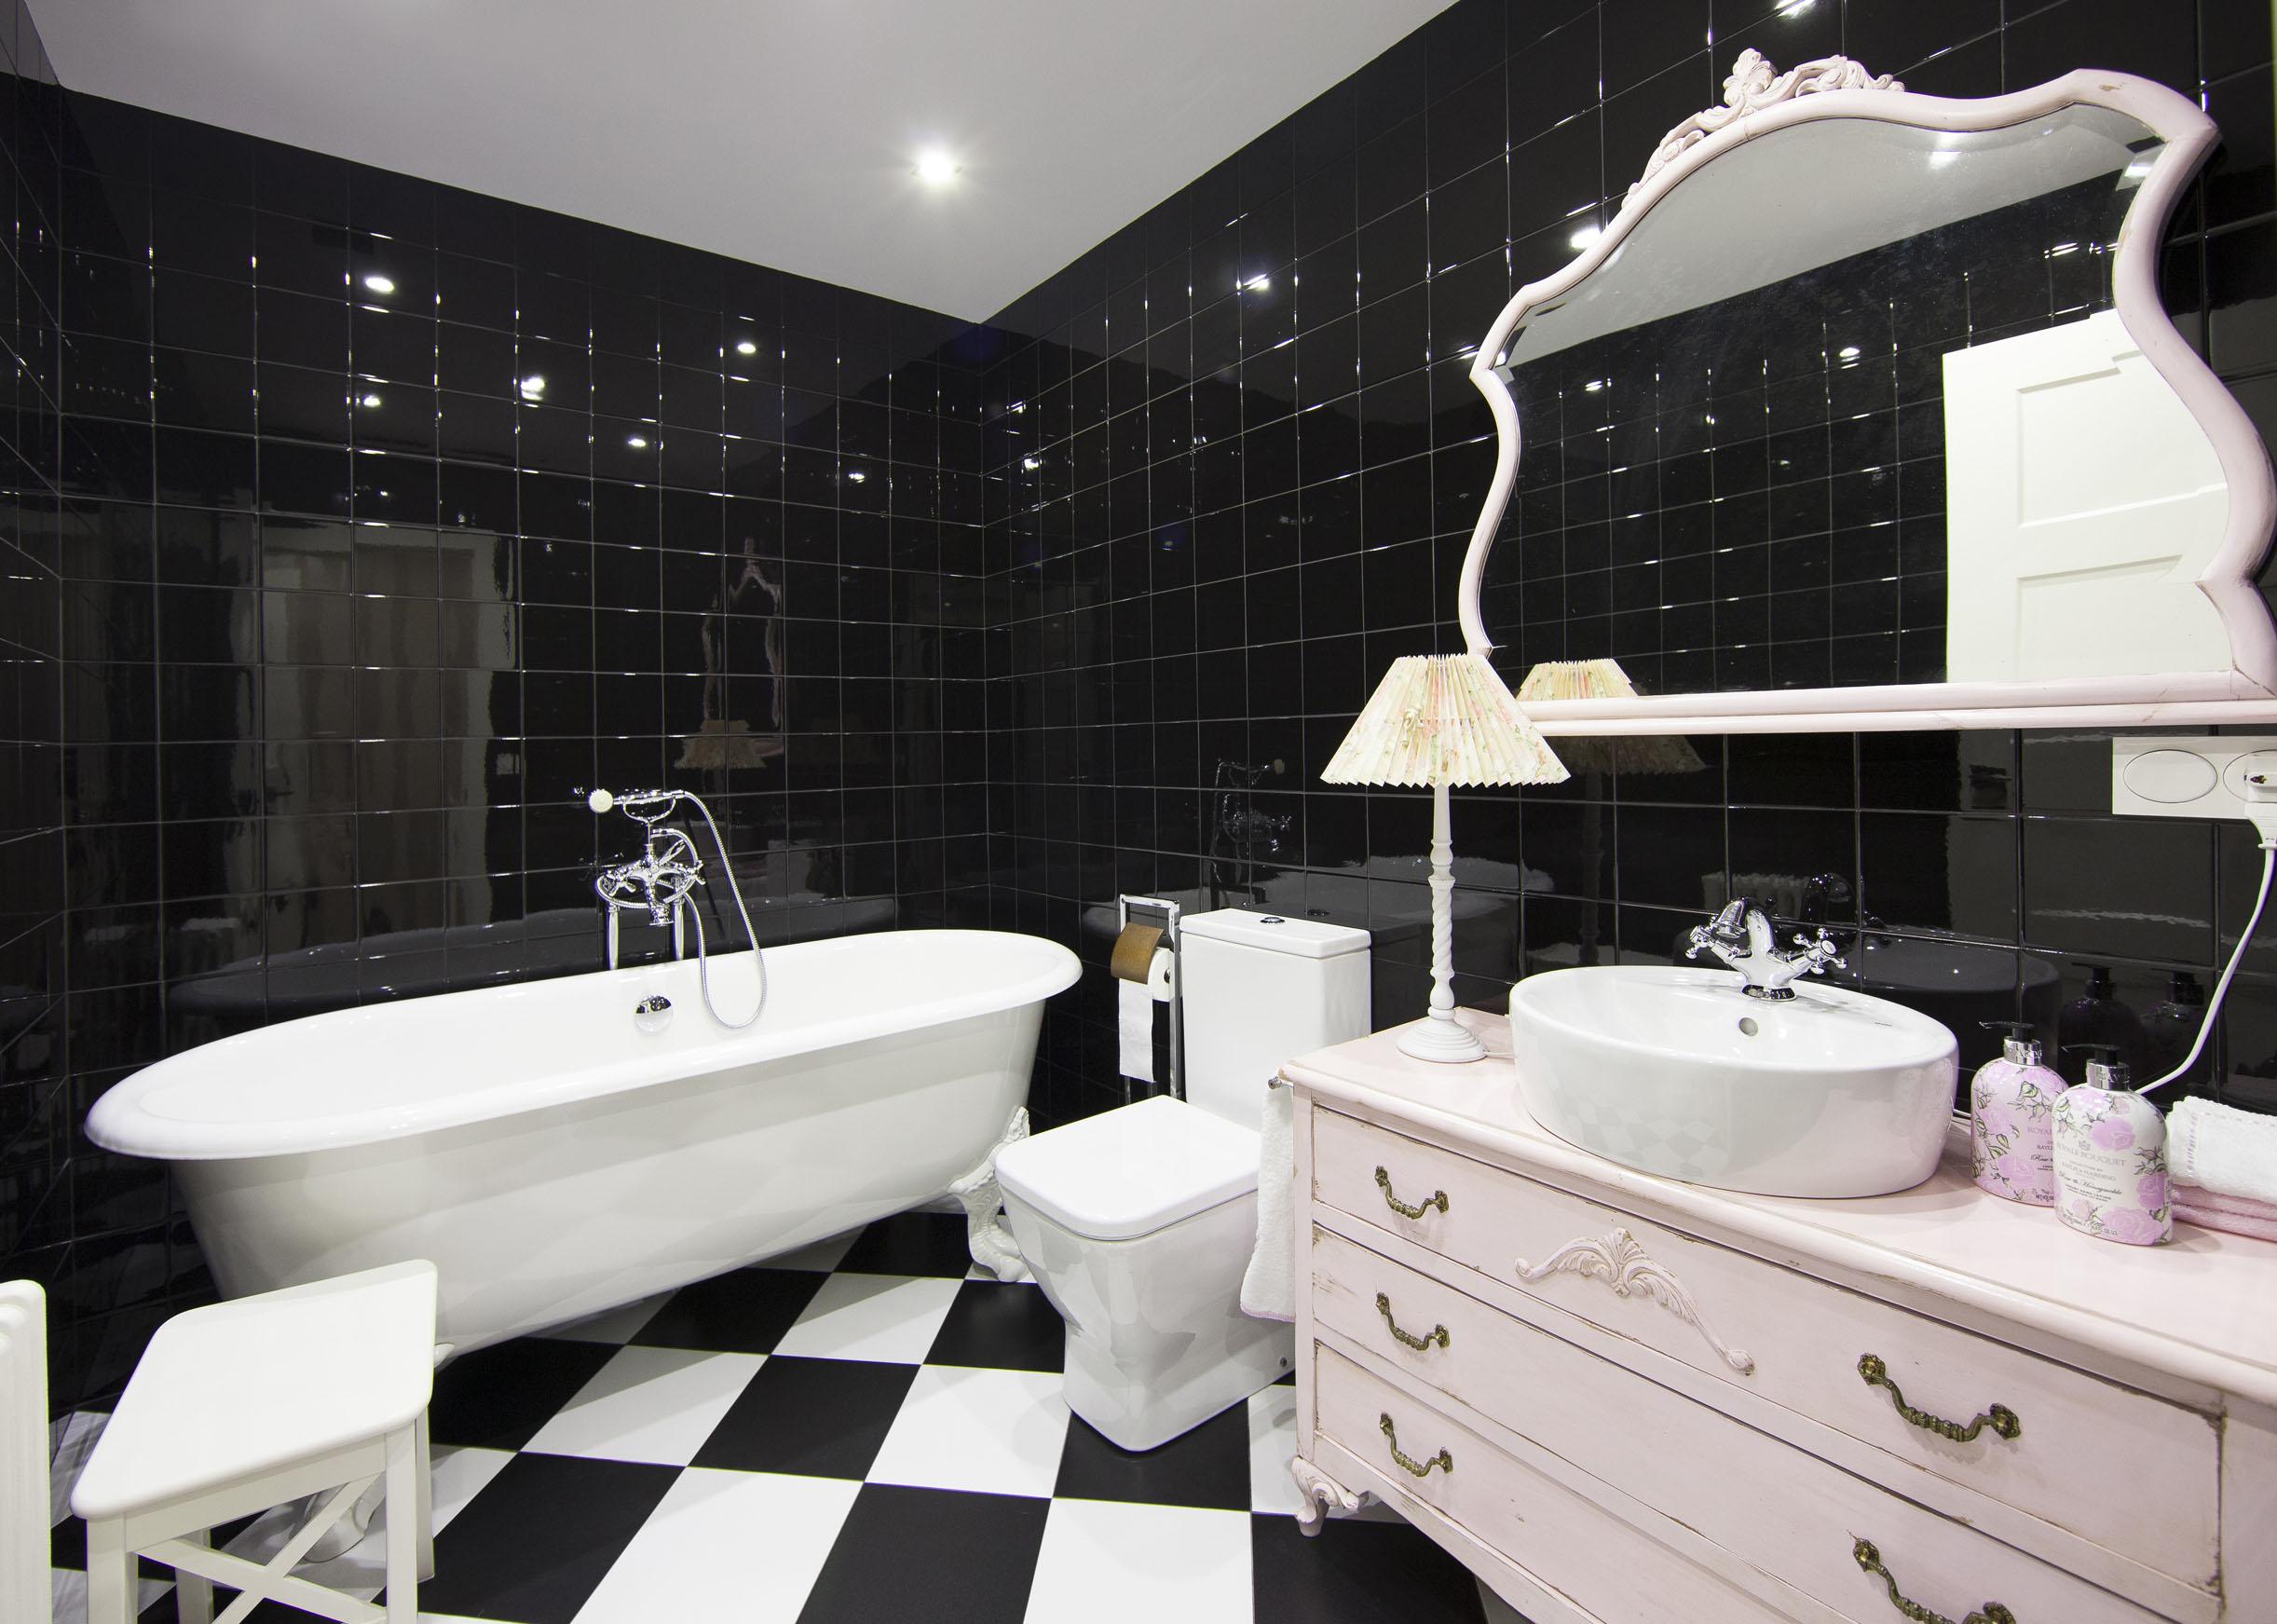 PRIBURGOS Espectacular reforma de cuarto de baño - PRIBURGOS